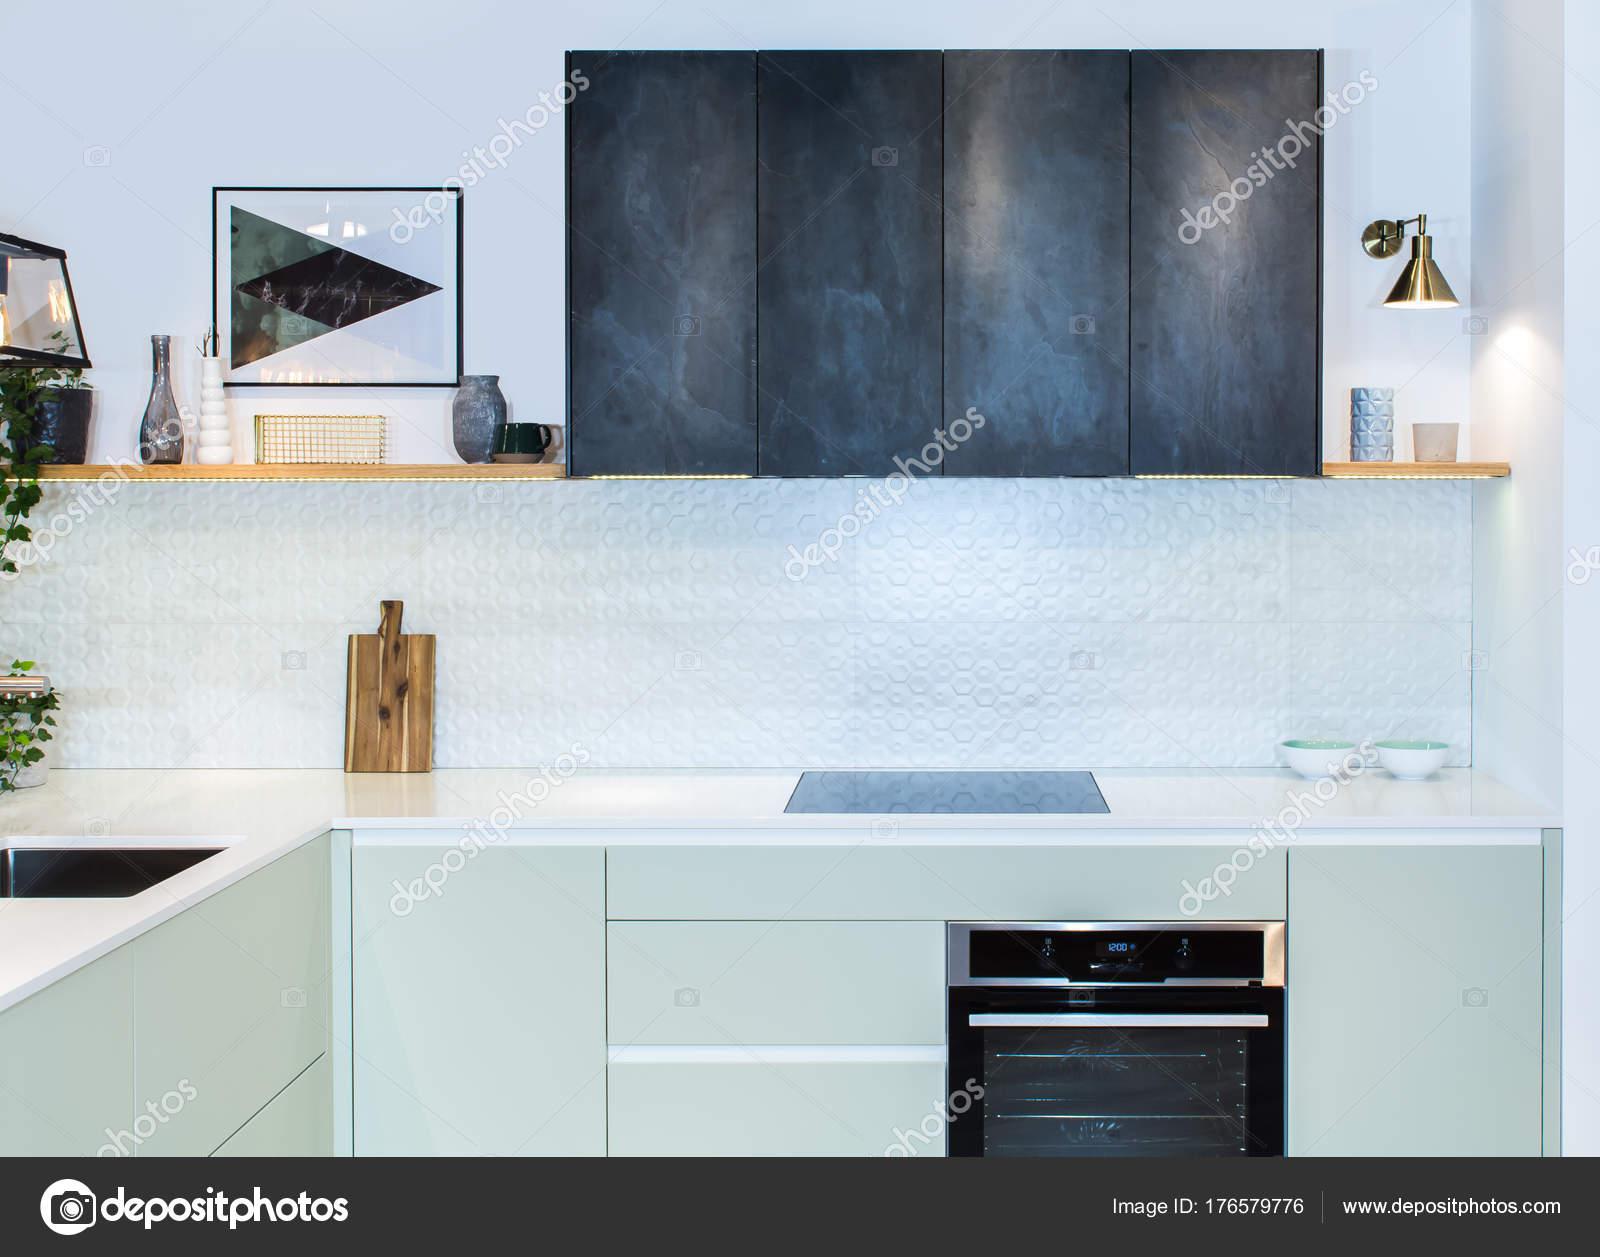 Moderne Wohnlandschaft Vorderansicht Des Modernen Designer Küche Einem  Hellen Interieur U2014 Stockfoto